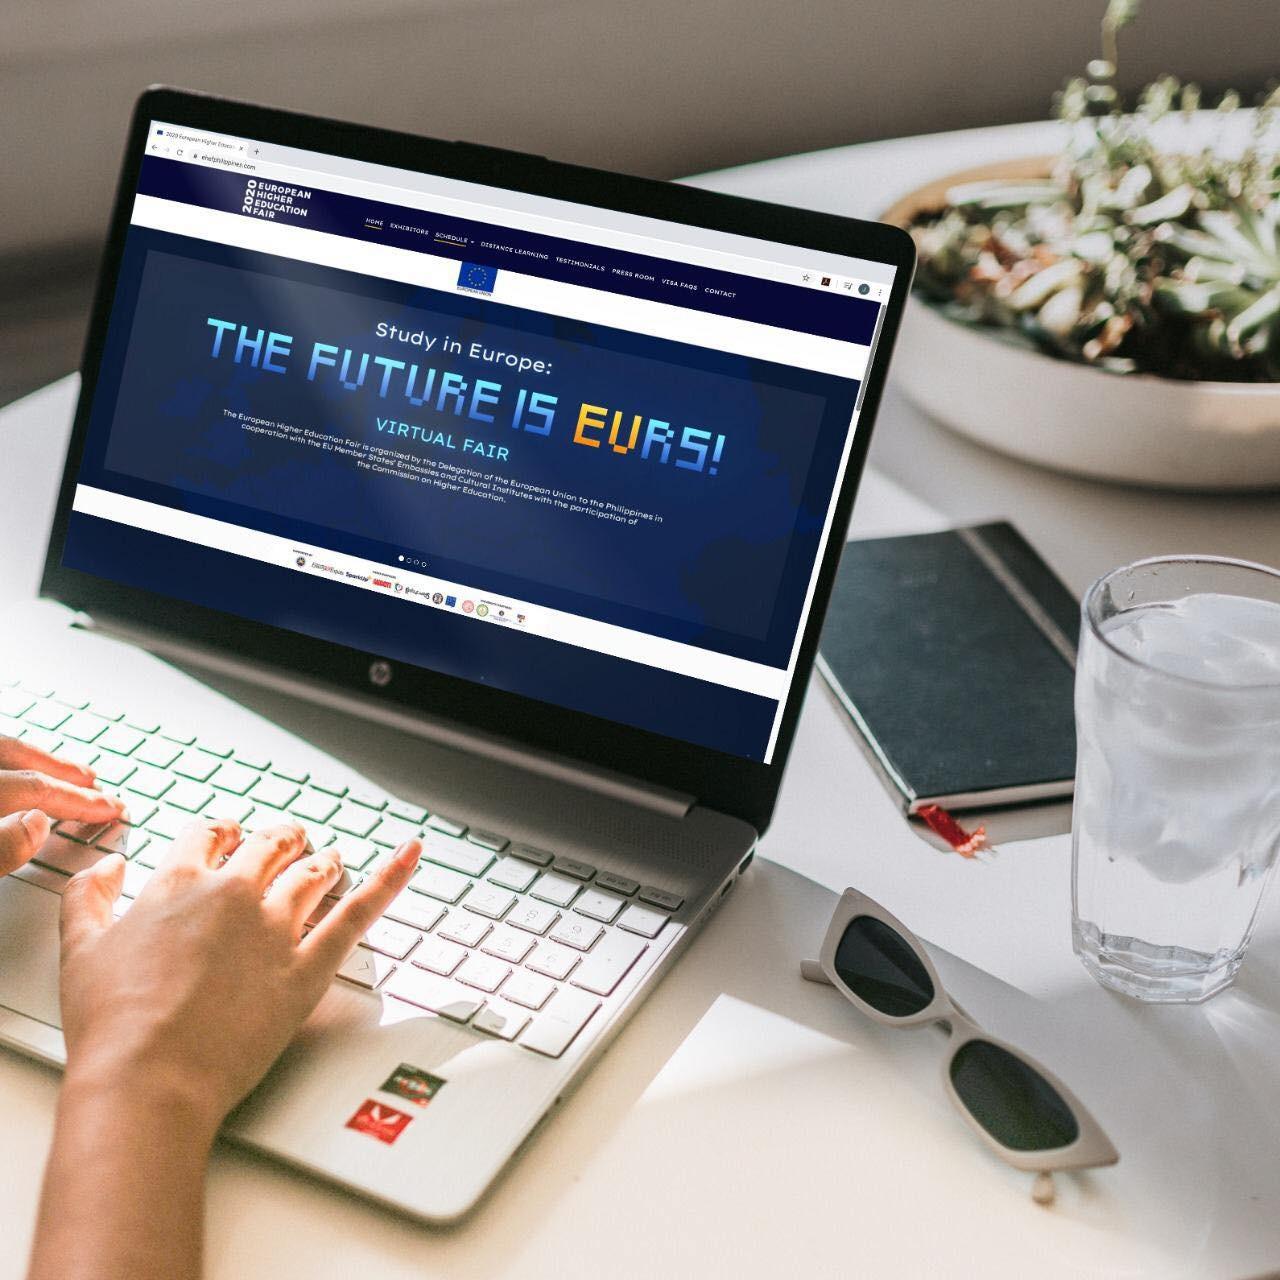 EDUNATION'S PARTICIPATION IN THE EUROPEAN HIGHER EDUCATION FAIR 2020